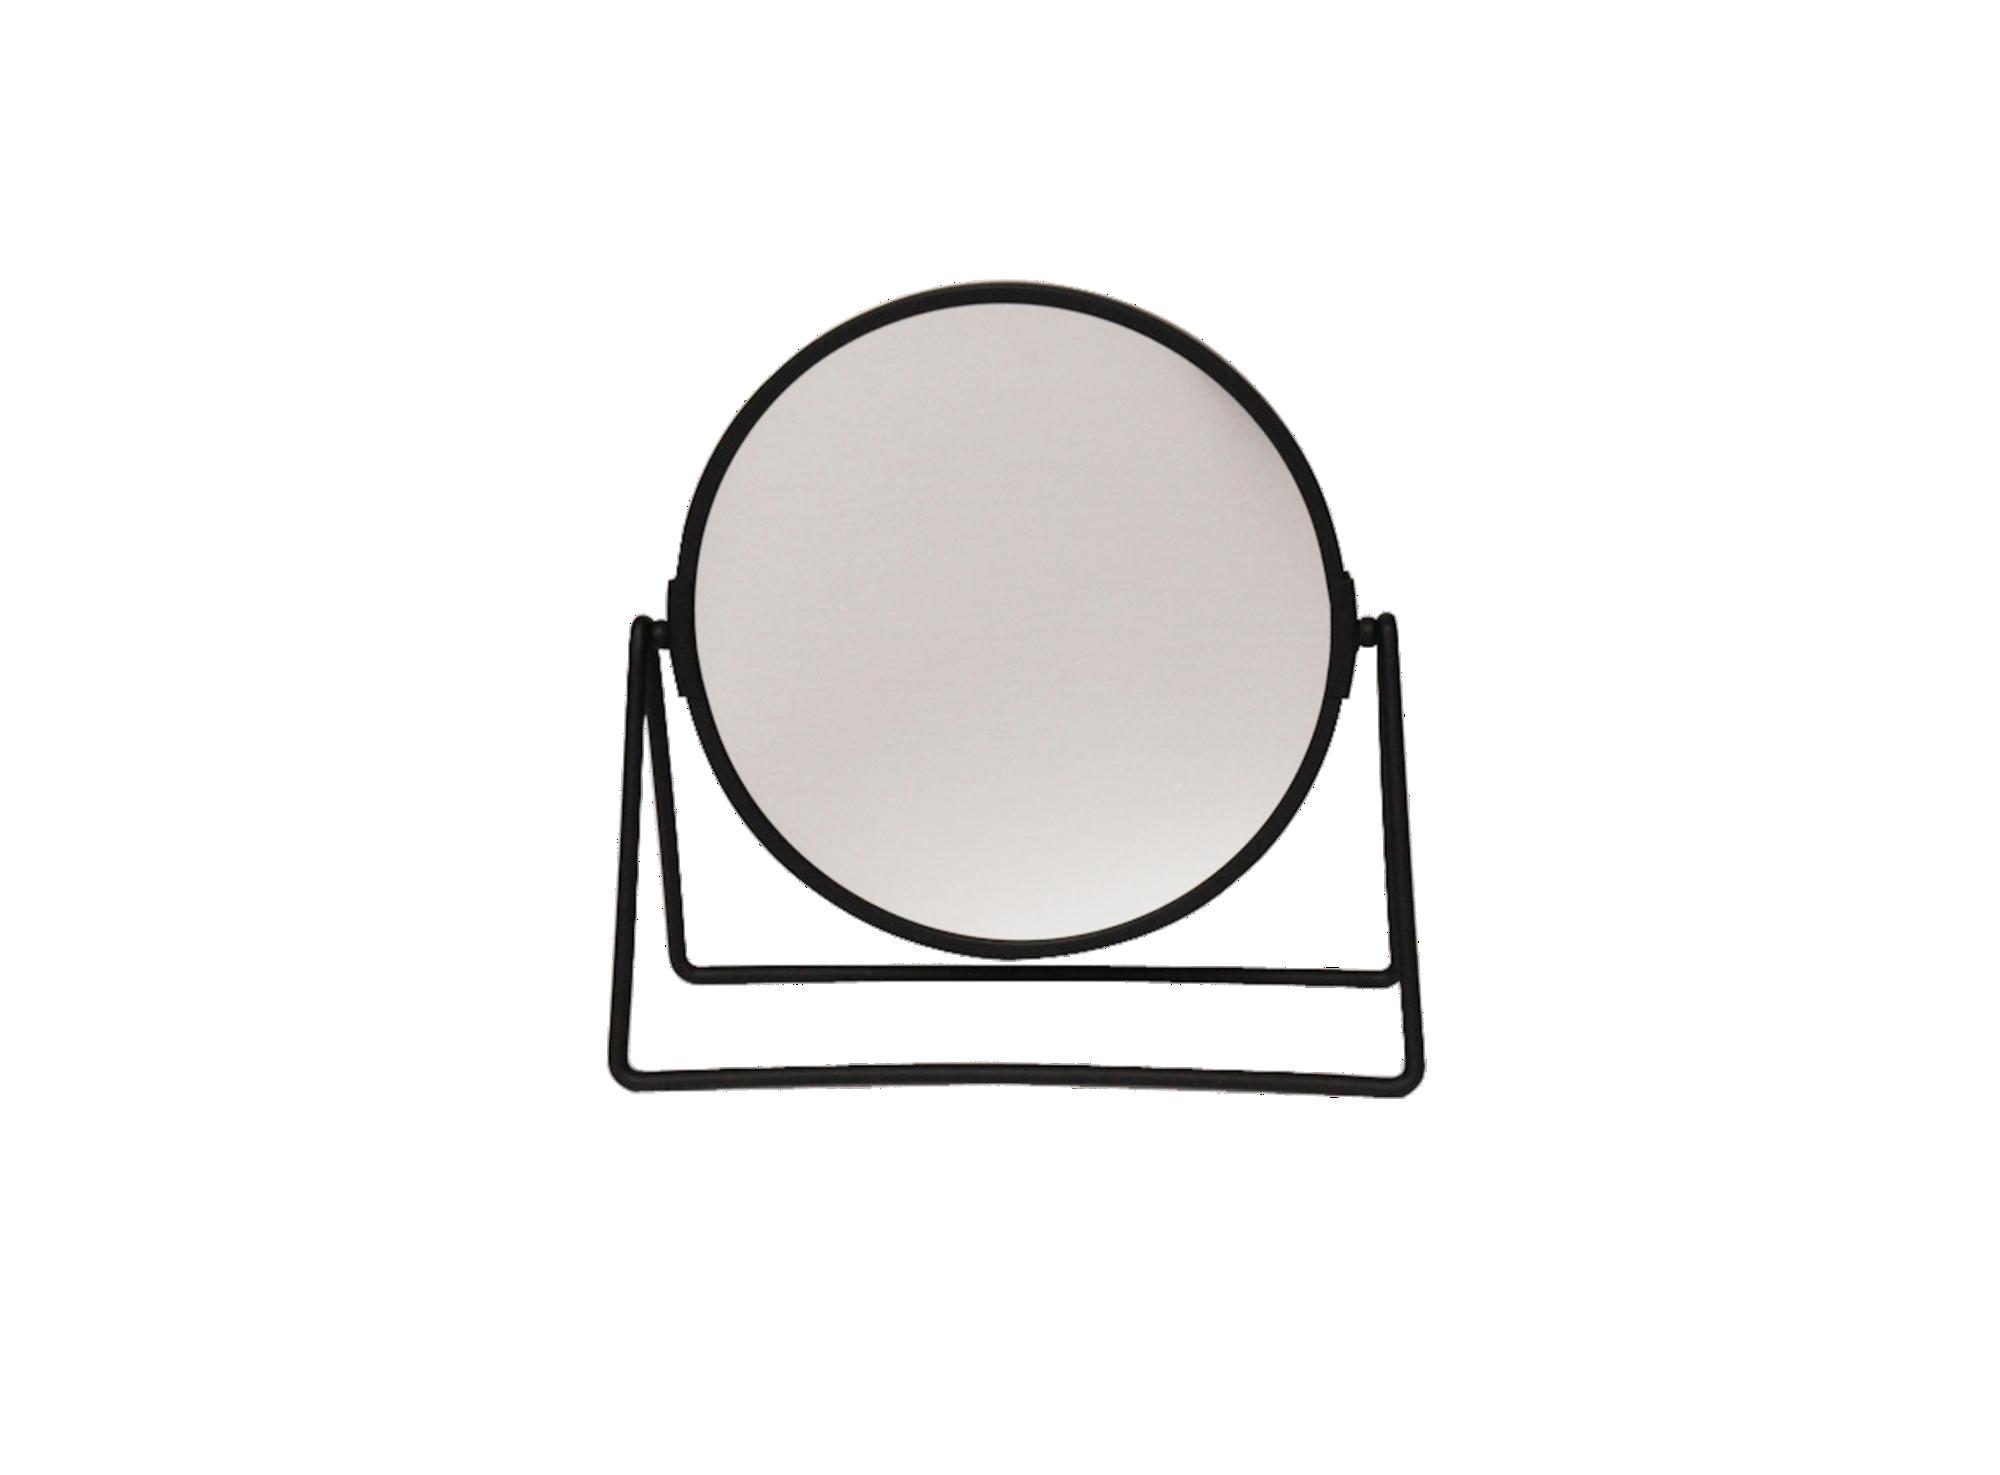 Miroir a poser noir x1/x5 en metal et verre